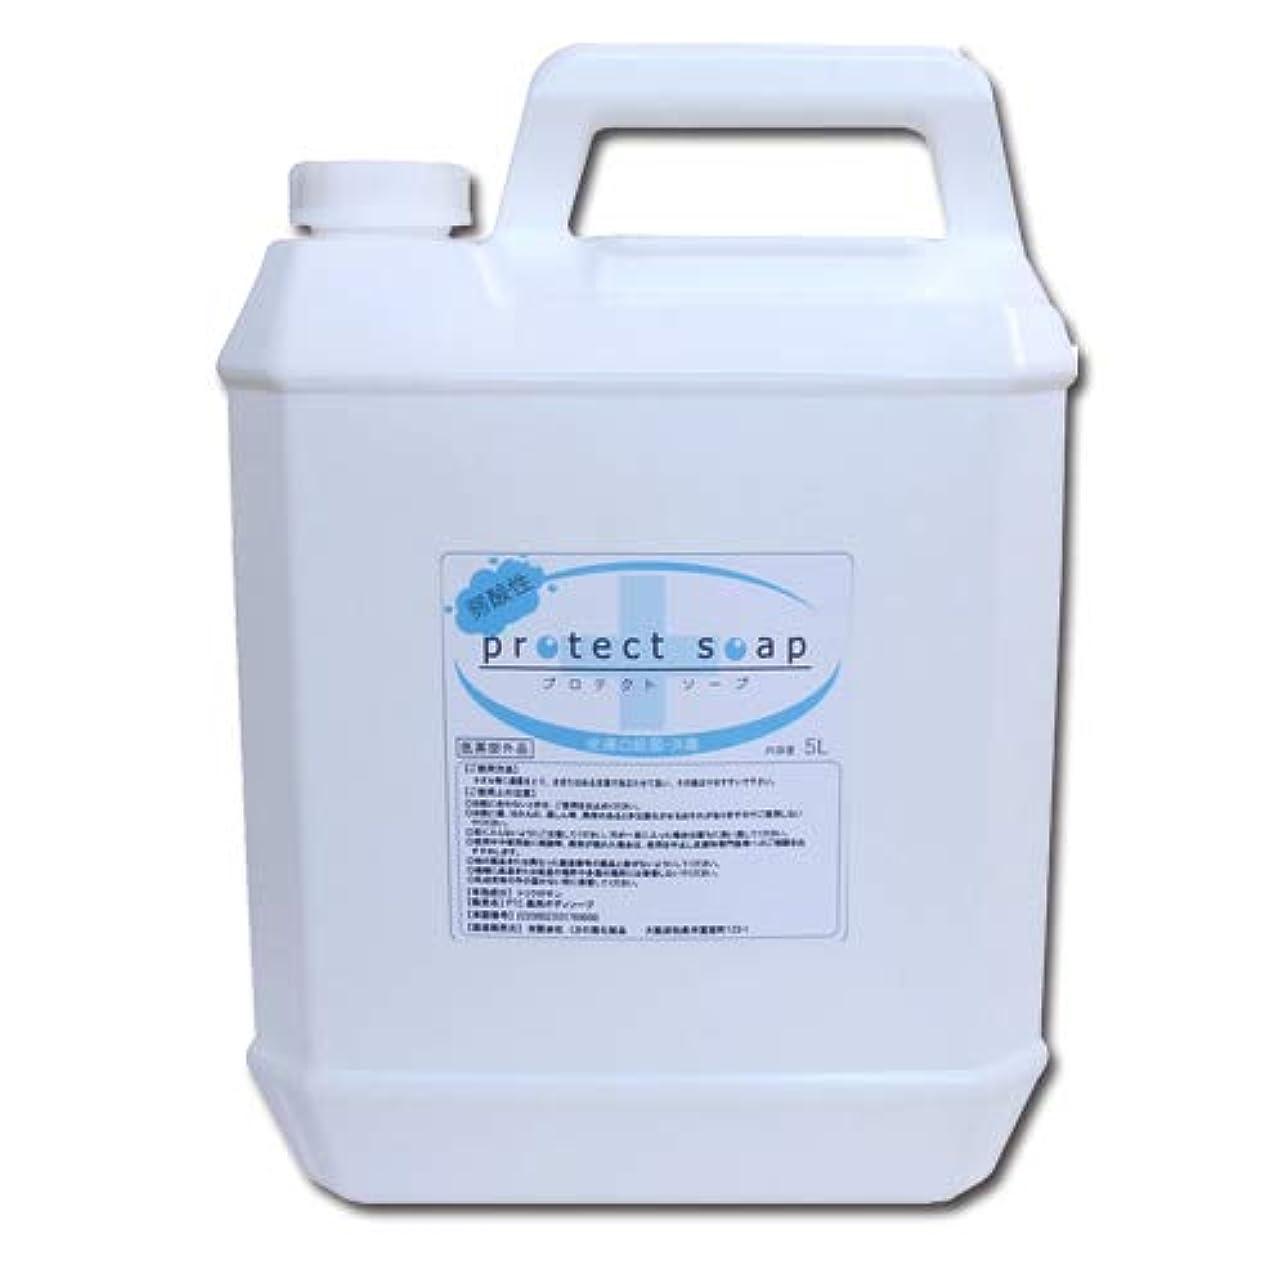 形成ブル幻影低刺激弱酸性 液体石鹸 プロテクトソープ 5L 業務用│せっけん液 液体せっけん 殺菌?消毒 インフルエンザ?ノロウィルス対策